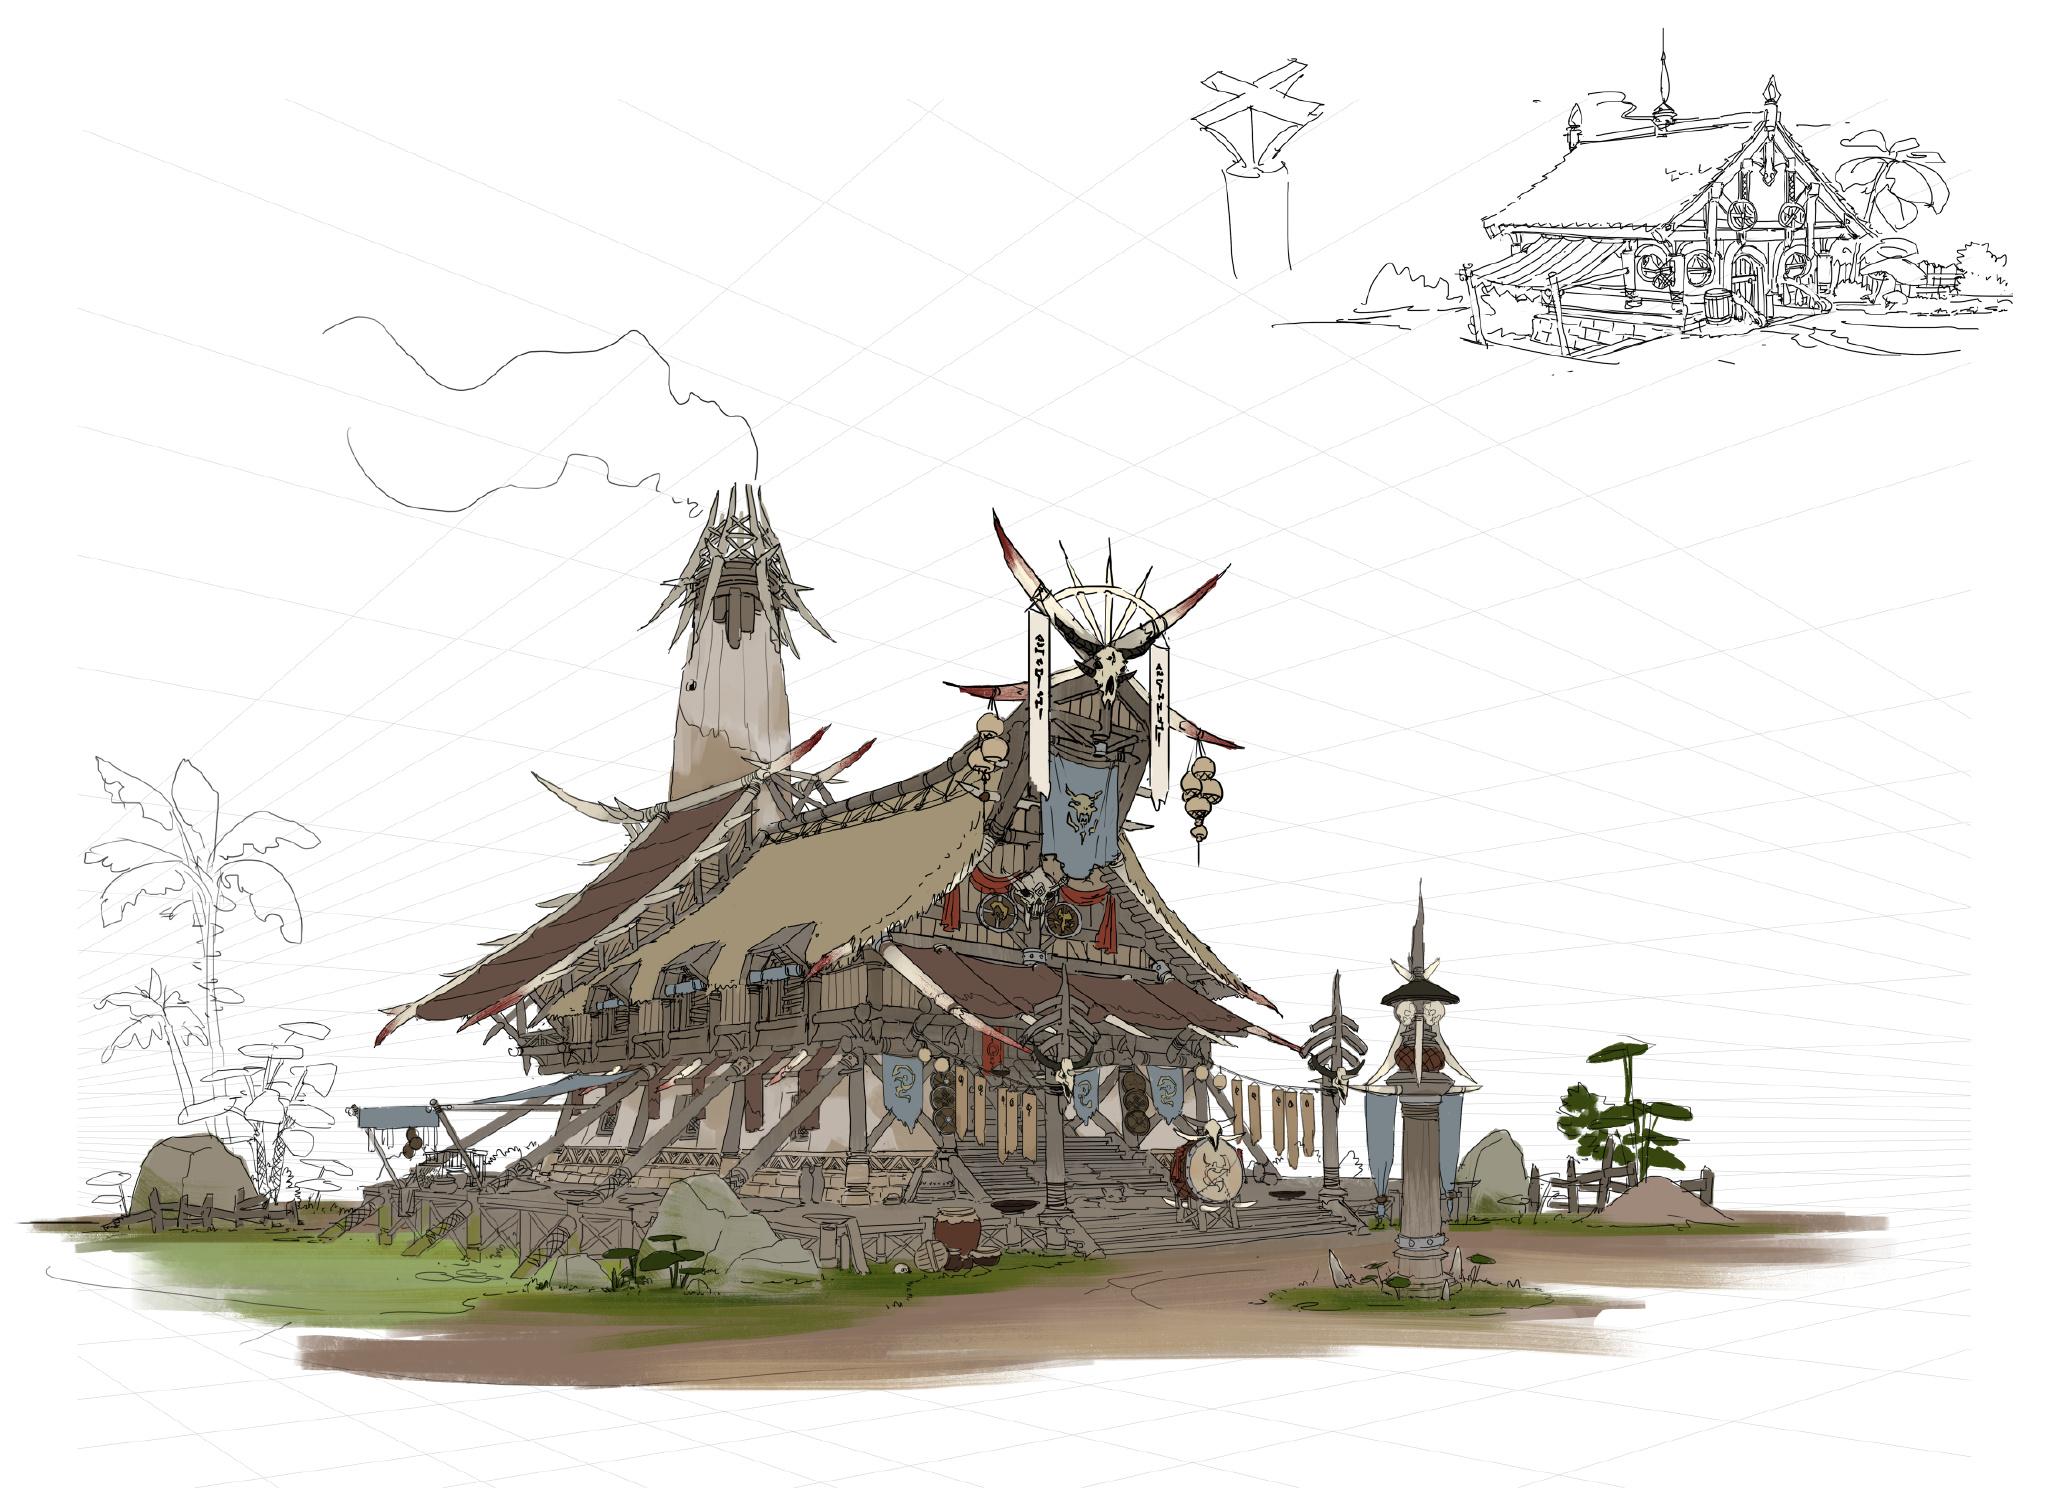 游戏原画场景设计 部落建筑详细过程图8